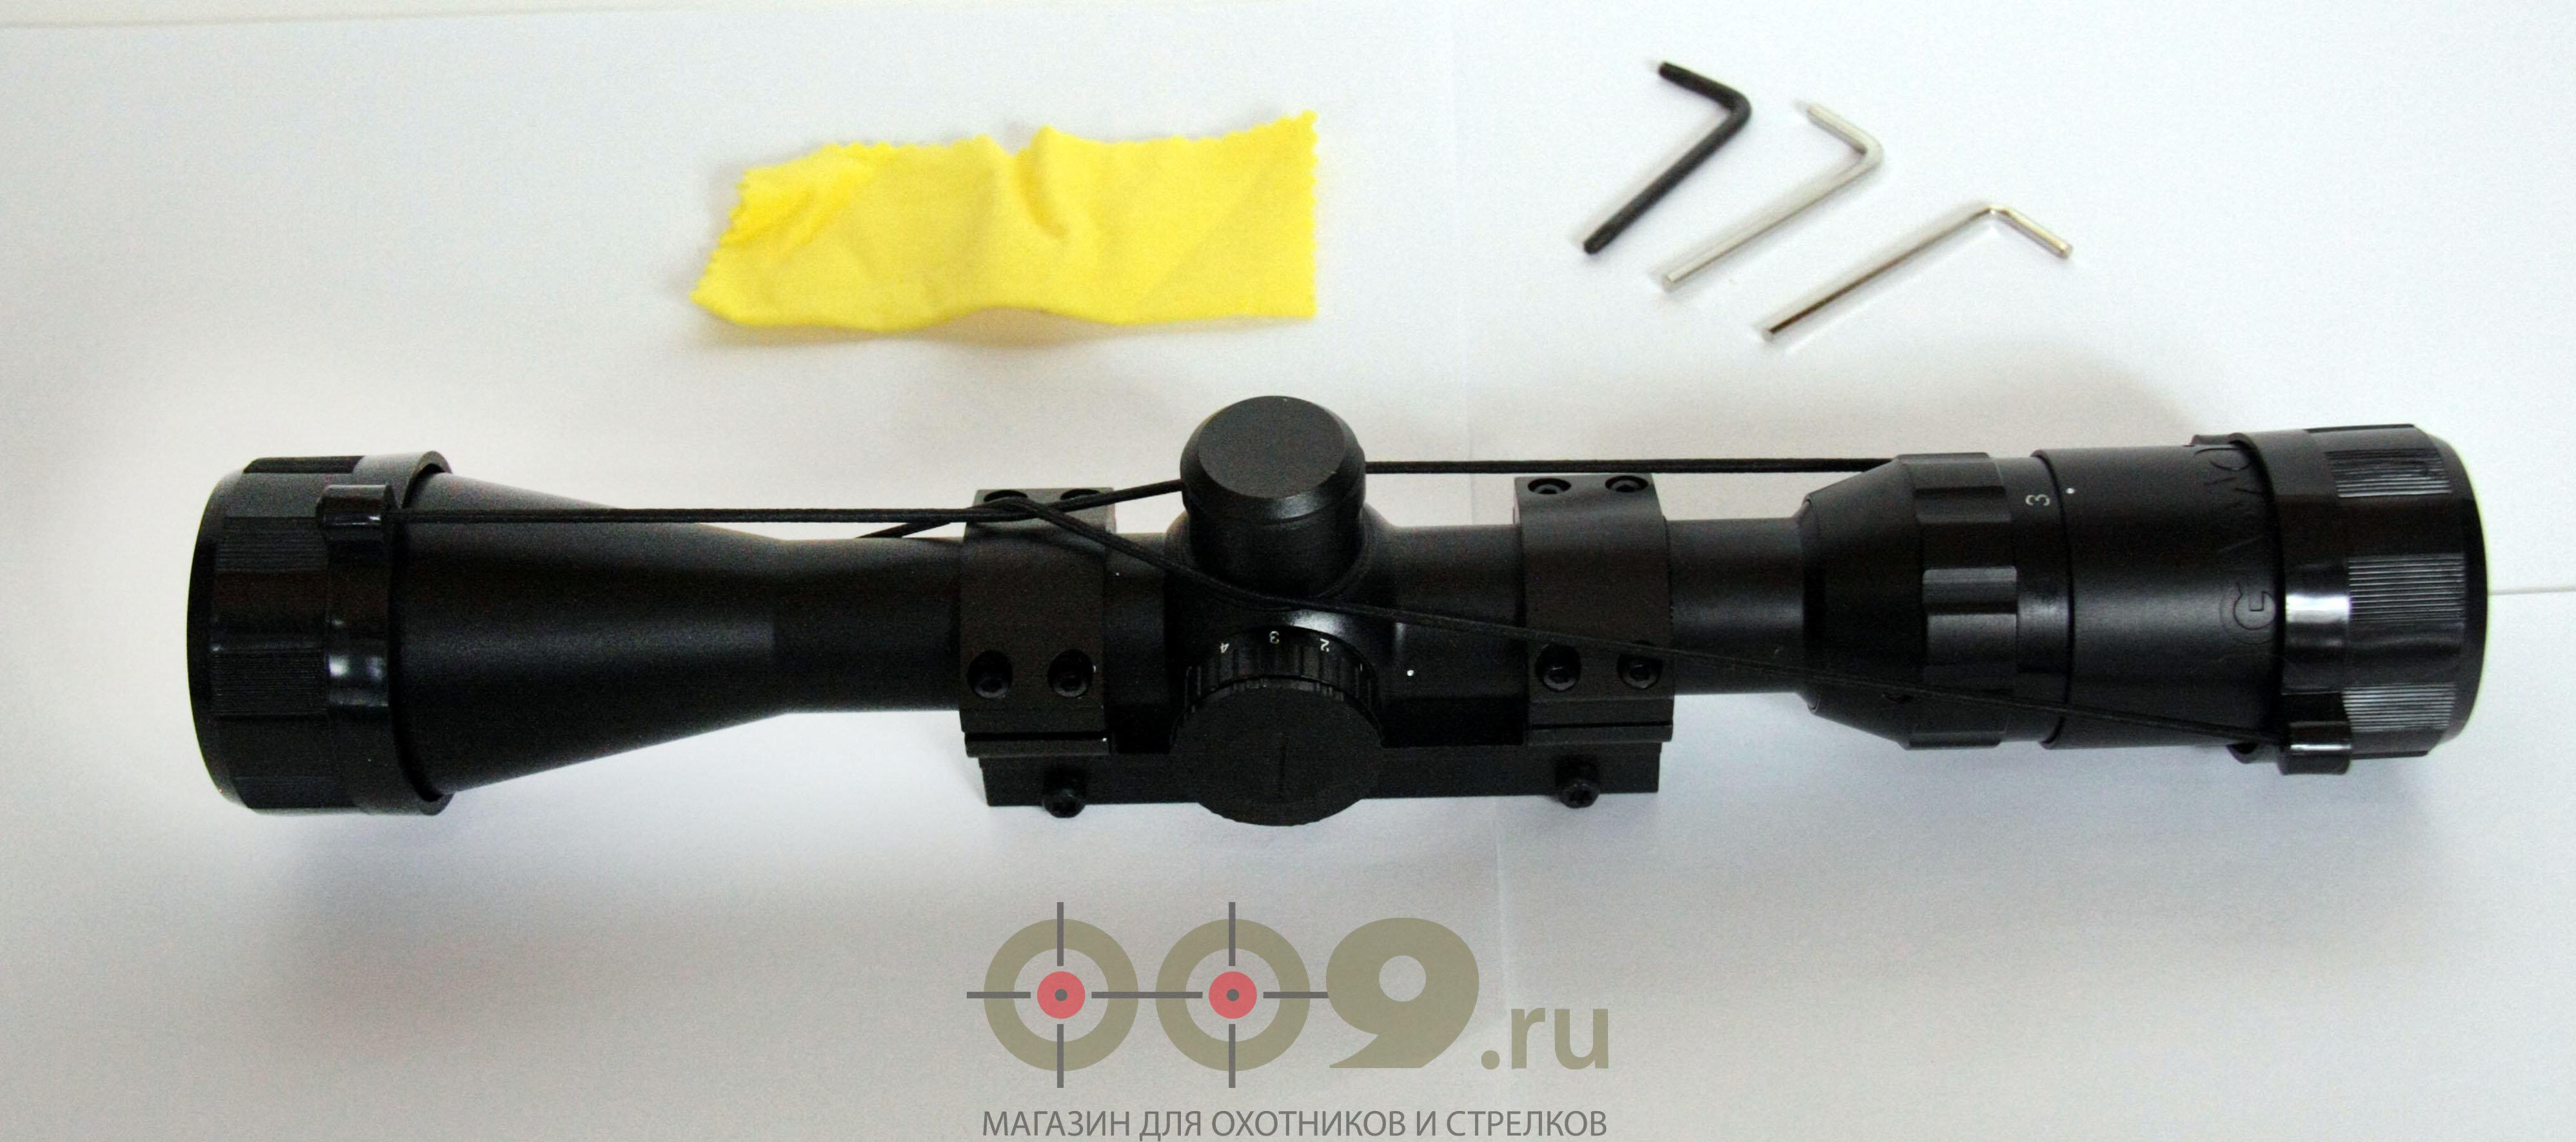 Прицел оптический Gamo 3-9х40 IRWR с подсветкой прицельной сетки.